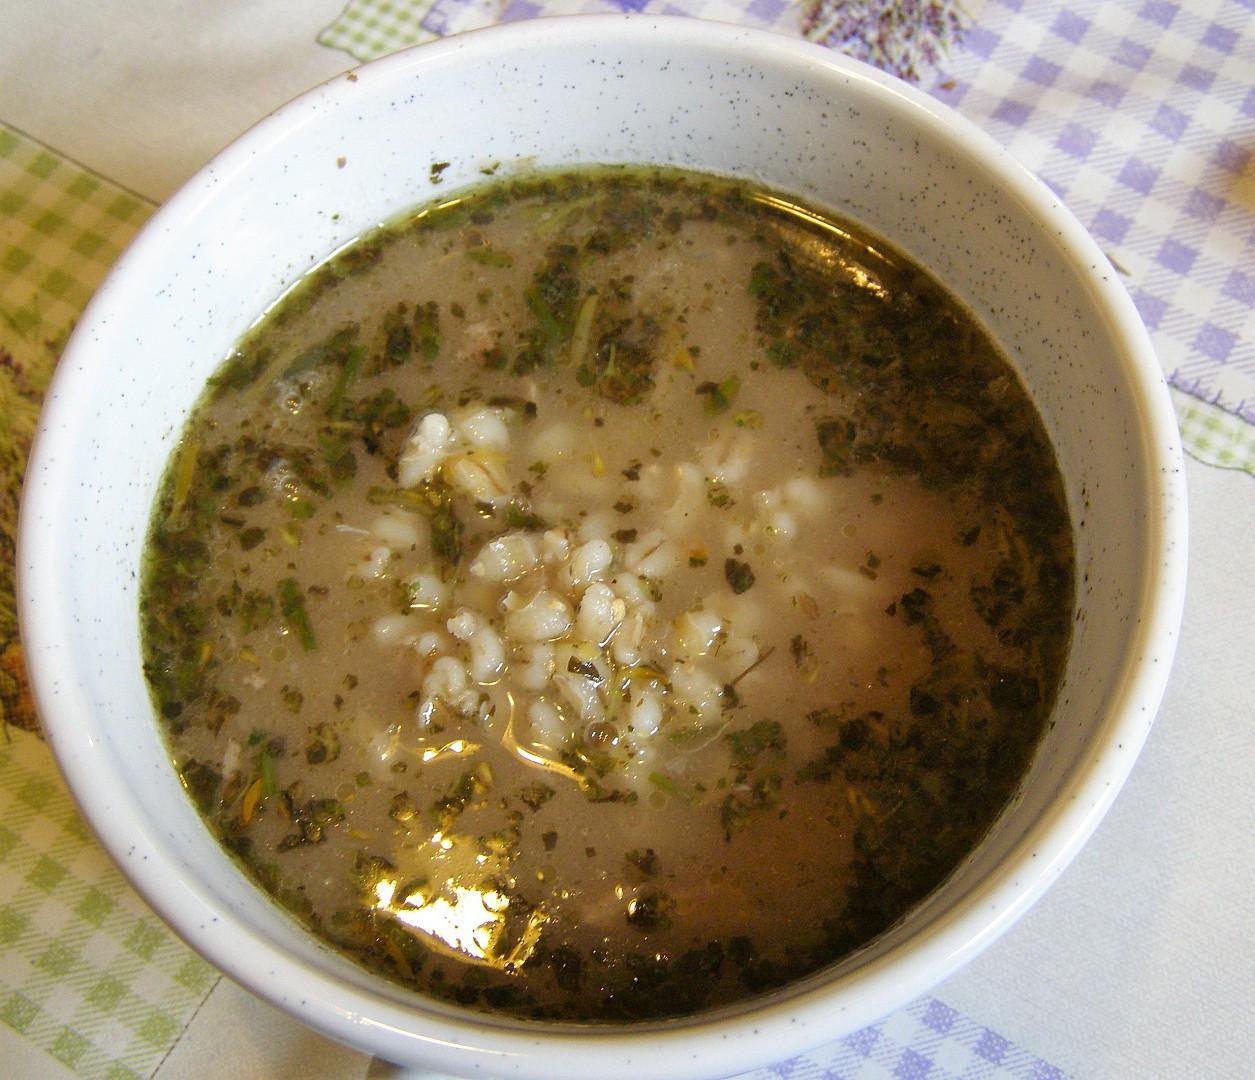 Falešná zabíjačková polévka